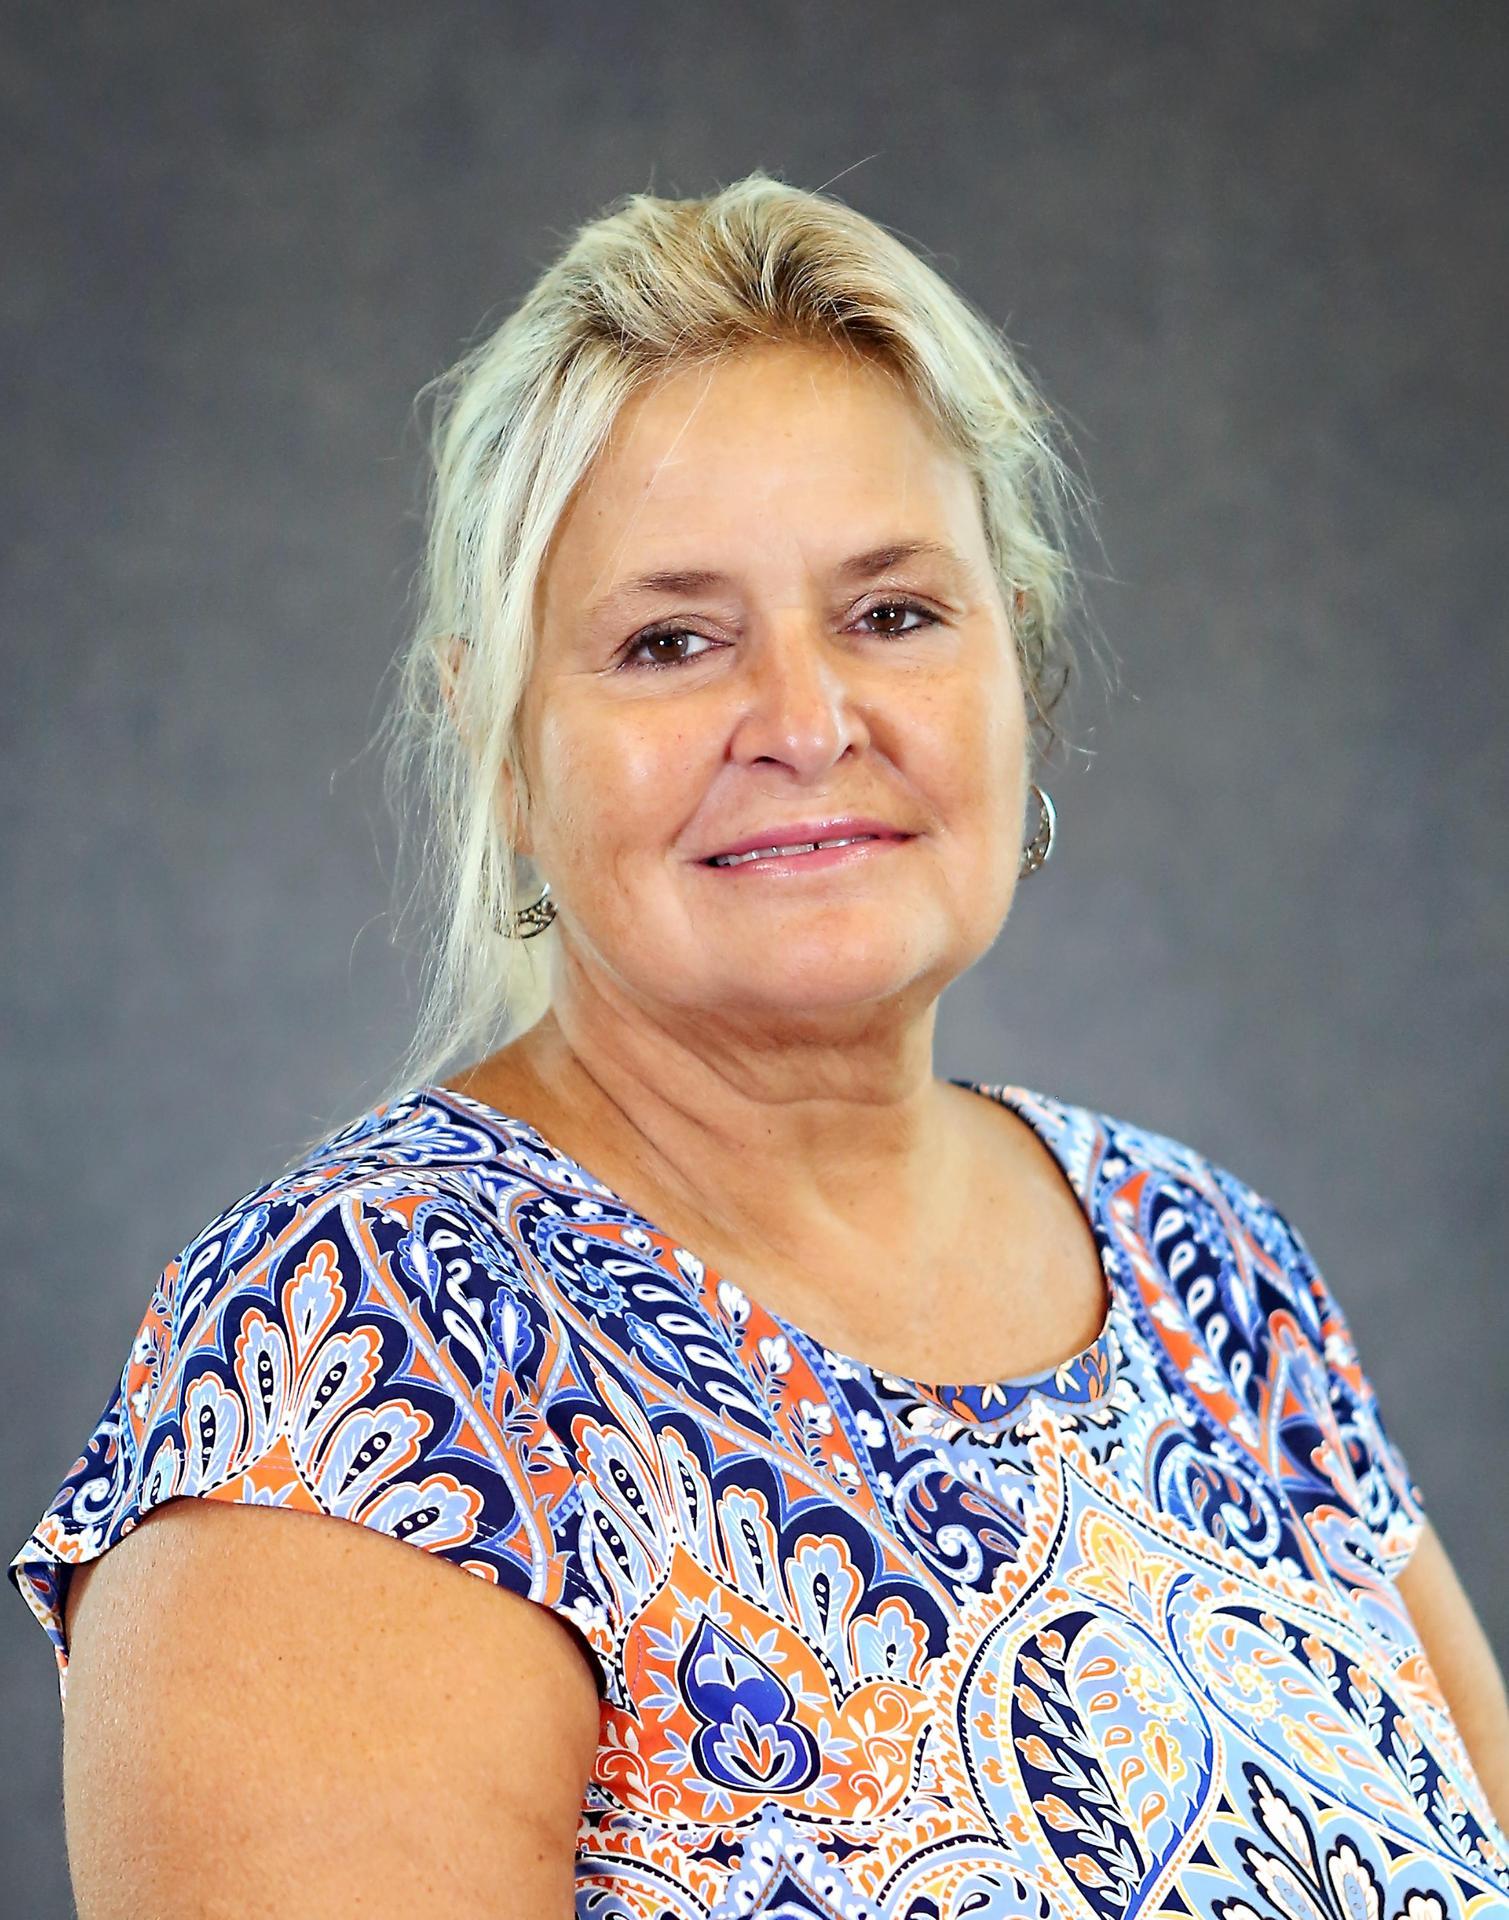 Lynda Fouquette